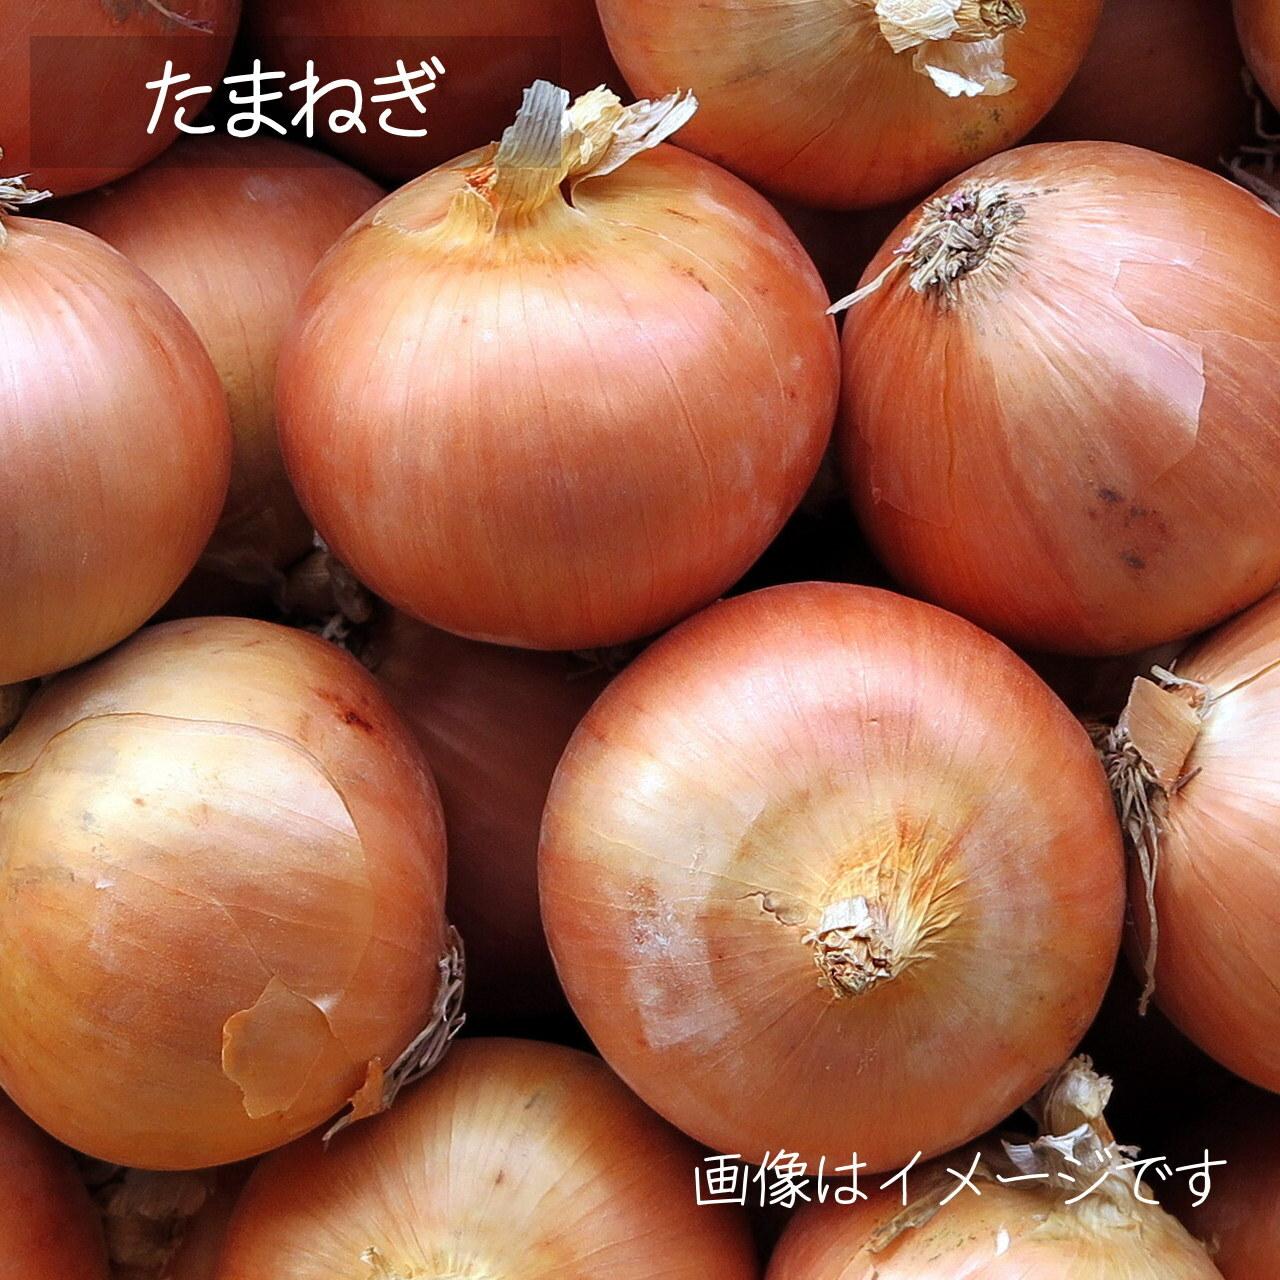 6月の朝採り直売野菜 : たまねぎ 2~3個 春の新鮮野菜 6月5日発送予定